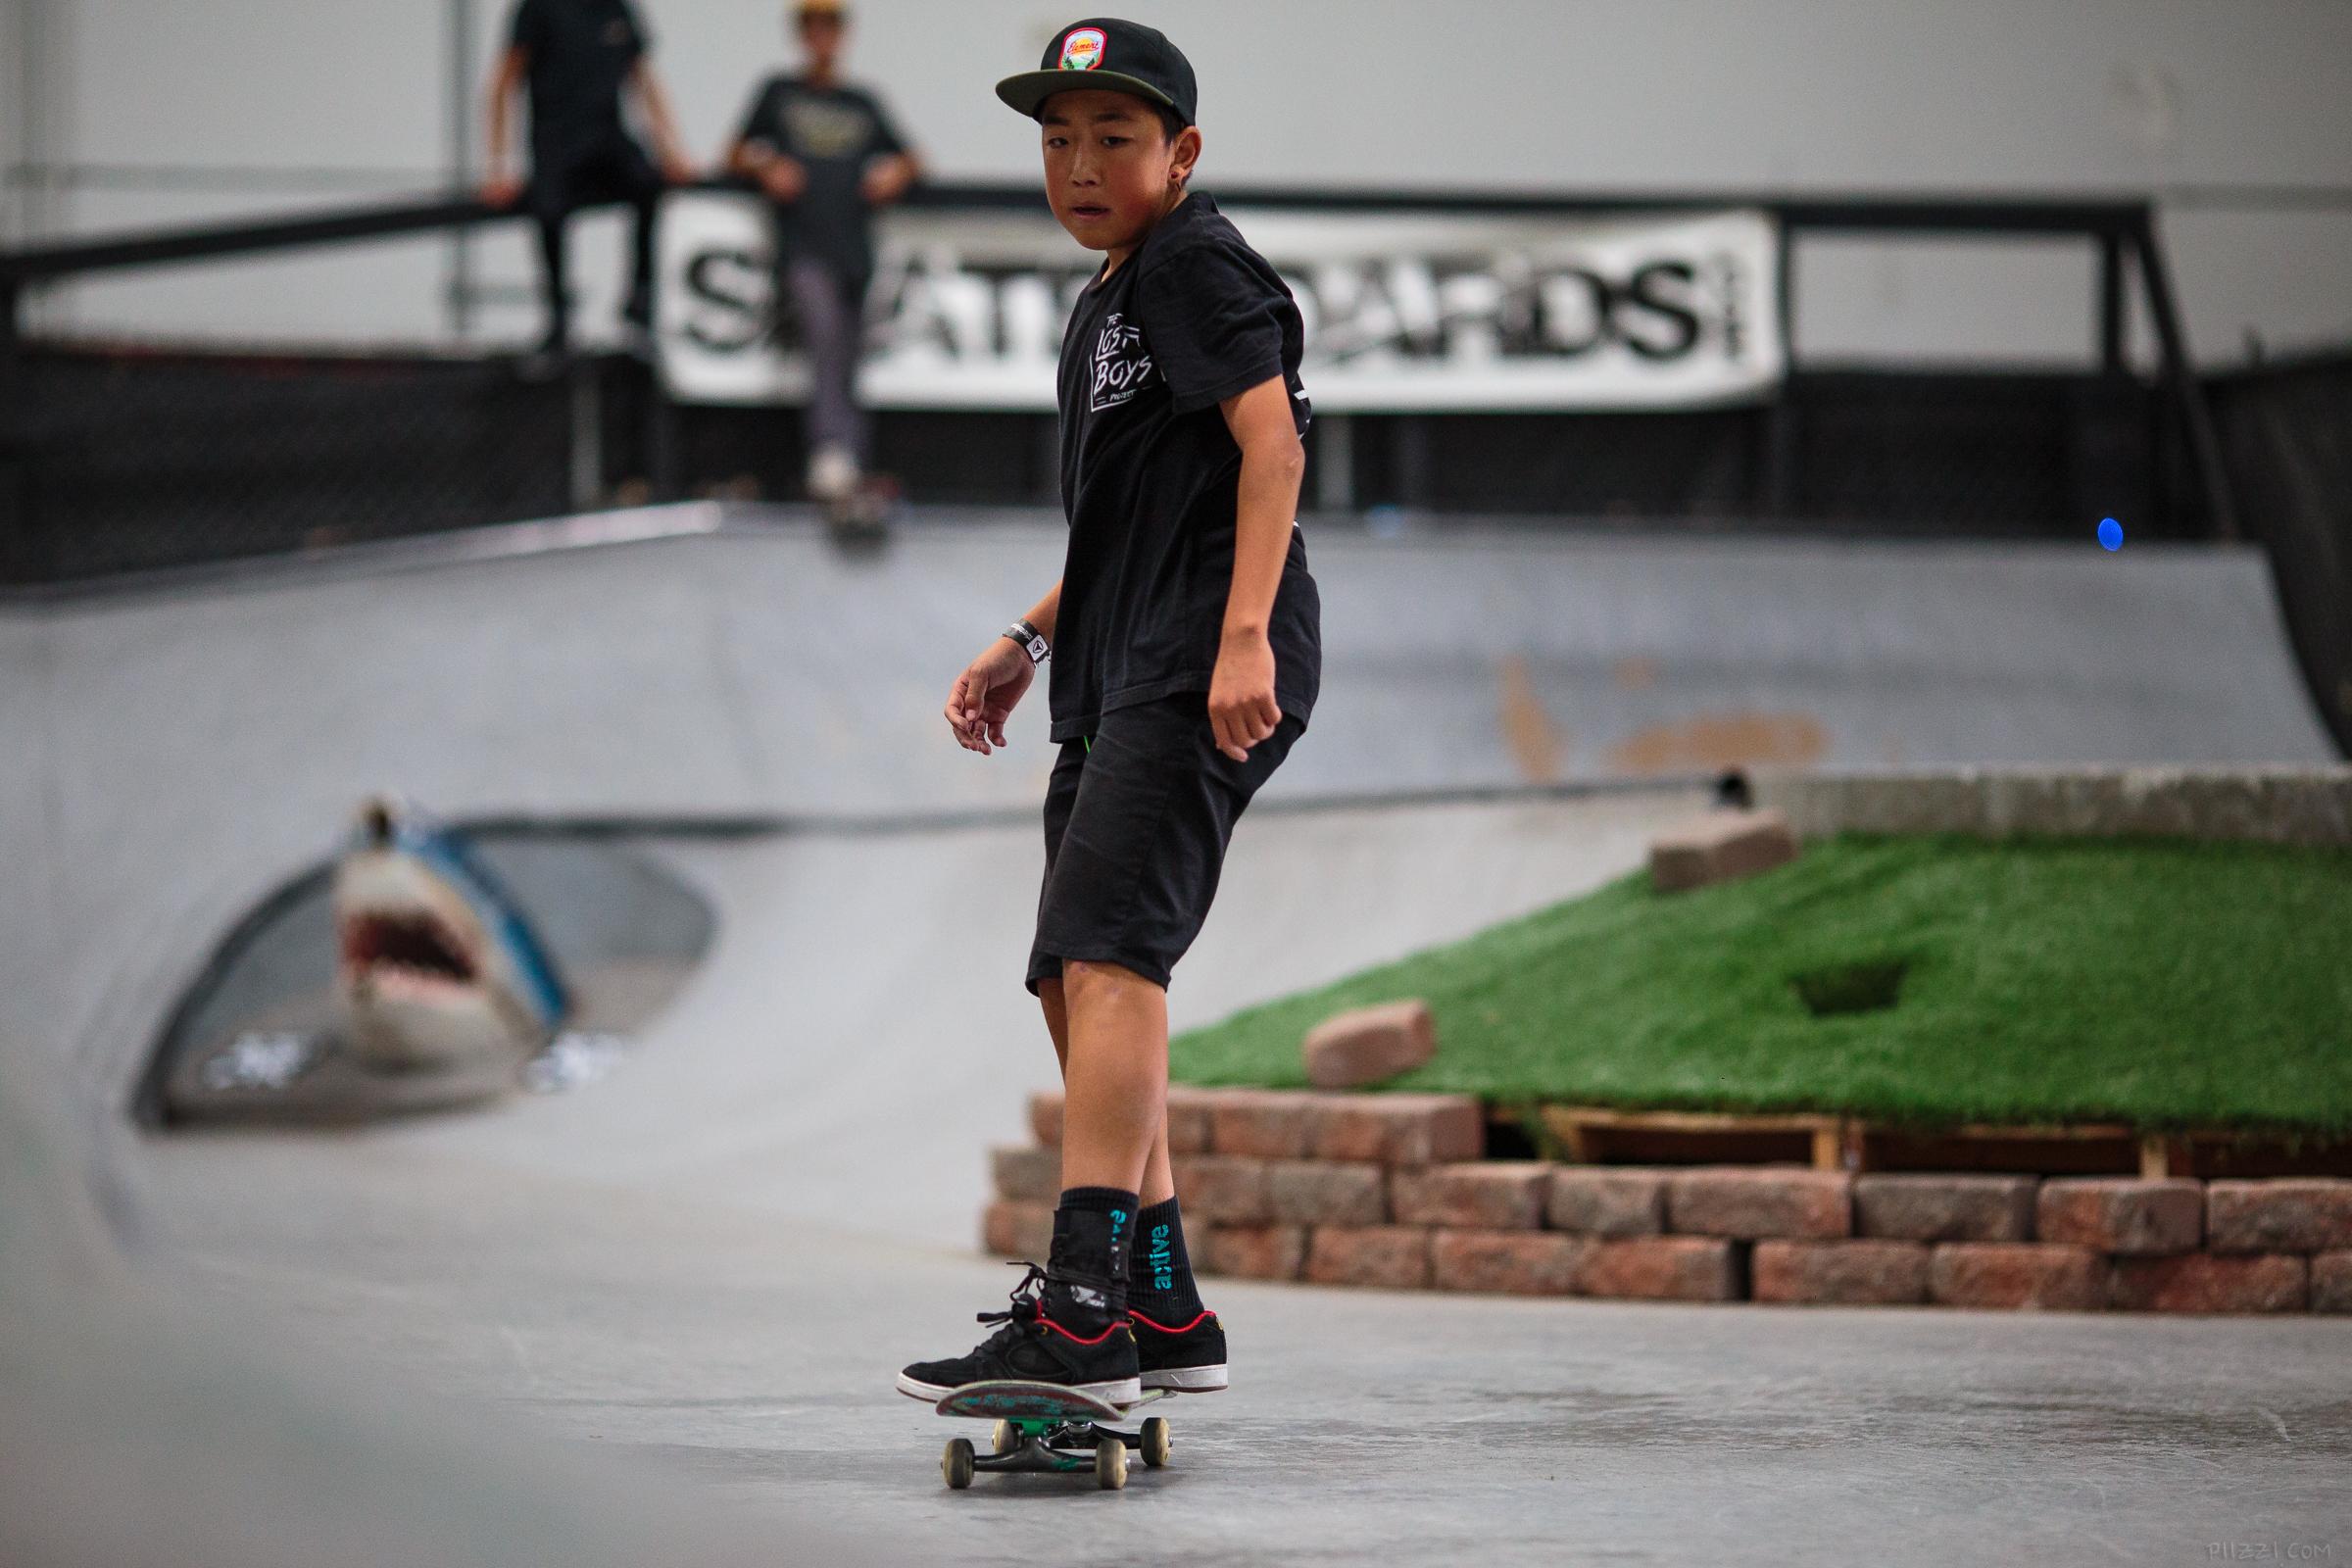 skate_gap_bsflip_kevin_rollaway.jpg